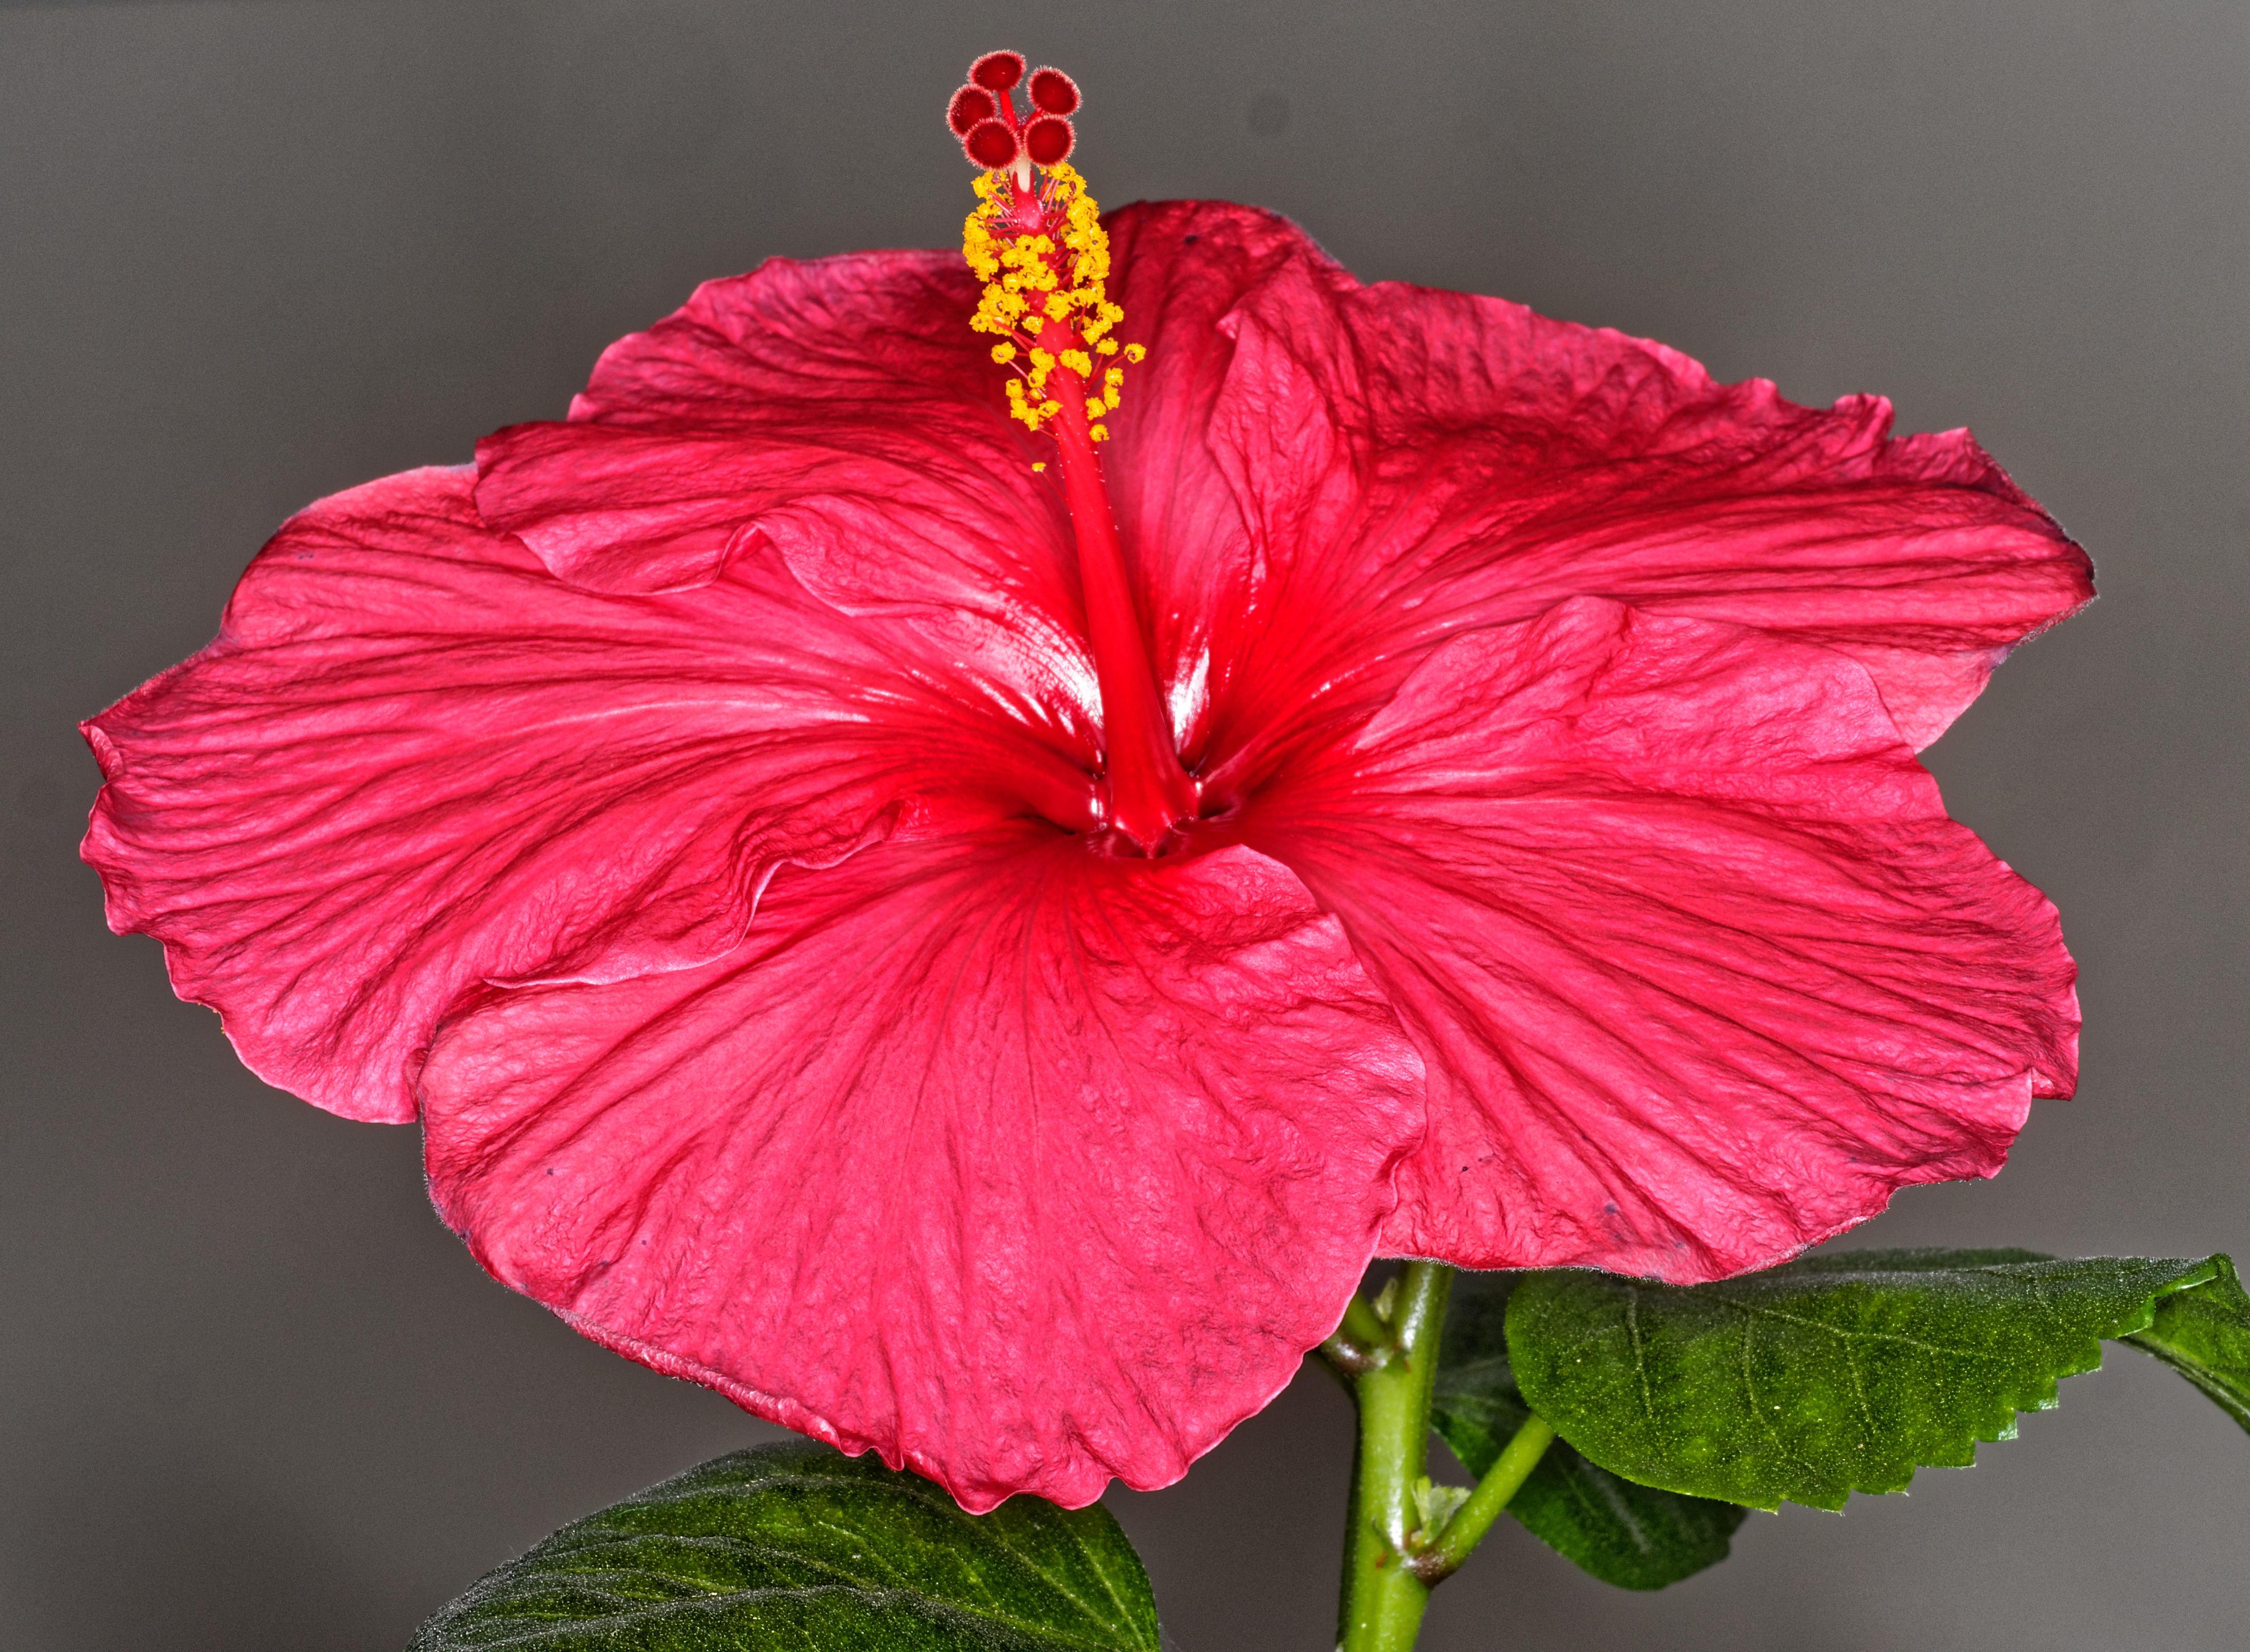 Hibiscus-Viltrox-3.jpeg